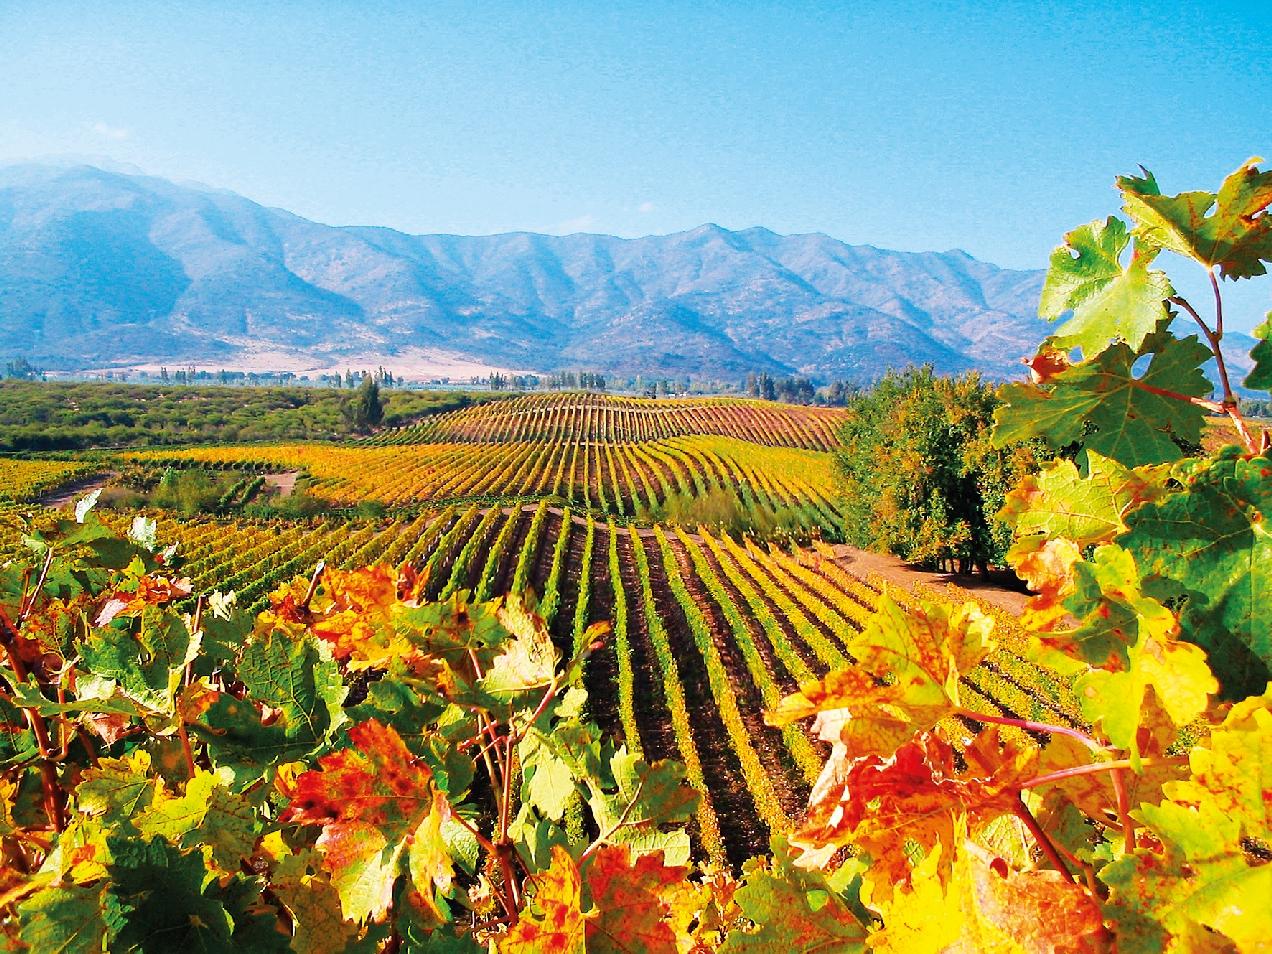 Chilské vinice vás nadchnou svou barevností.